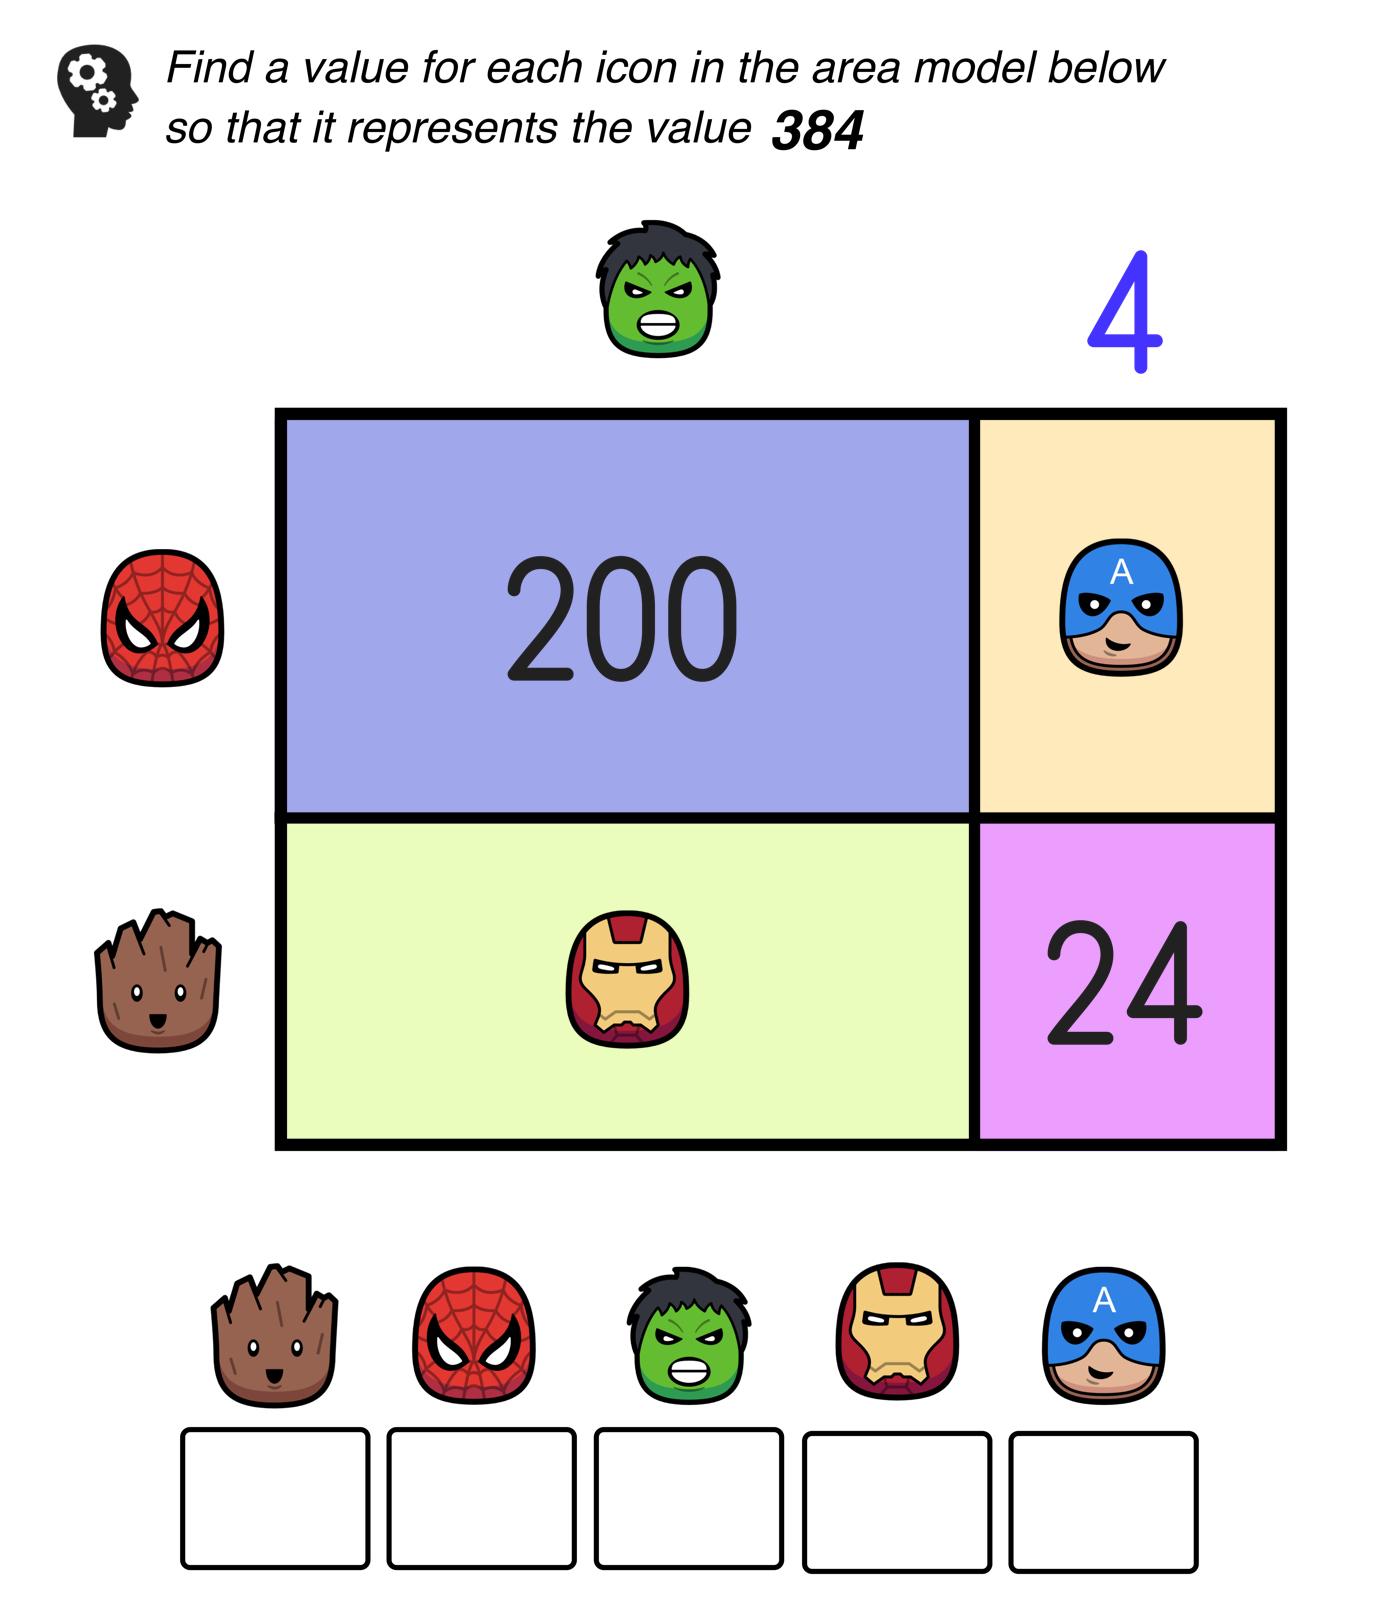 AvengersAreaModel.jpg